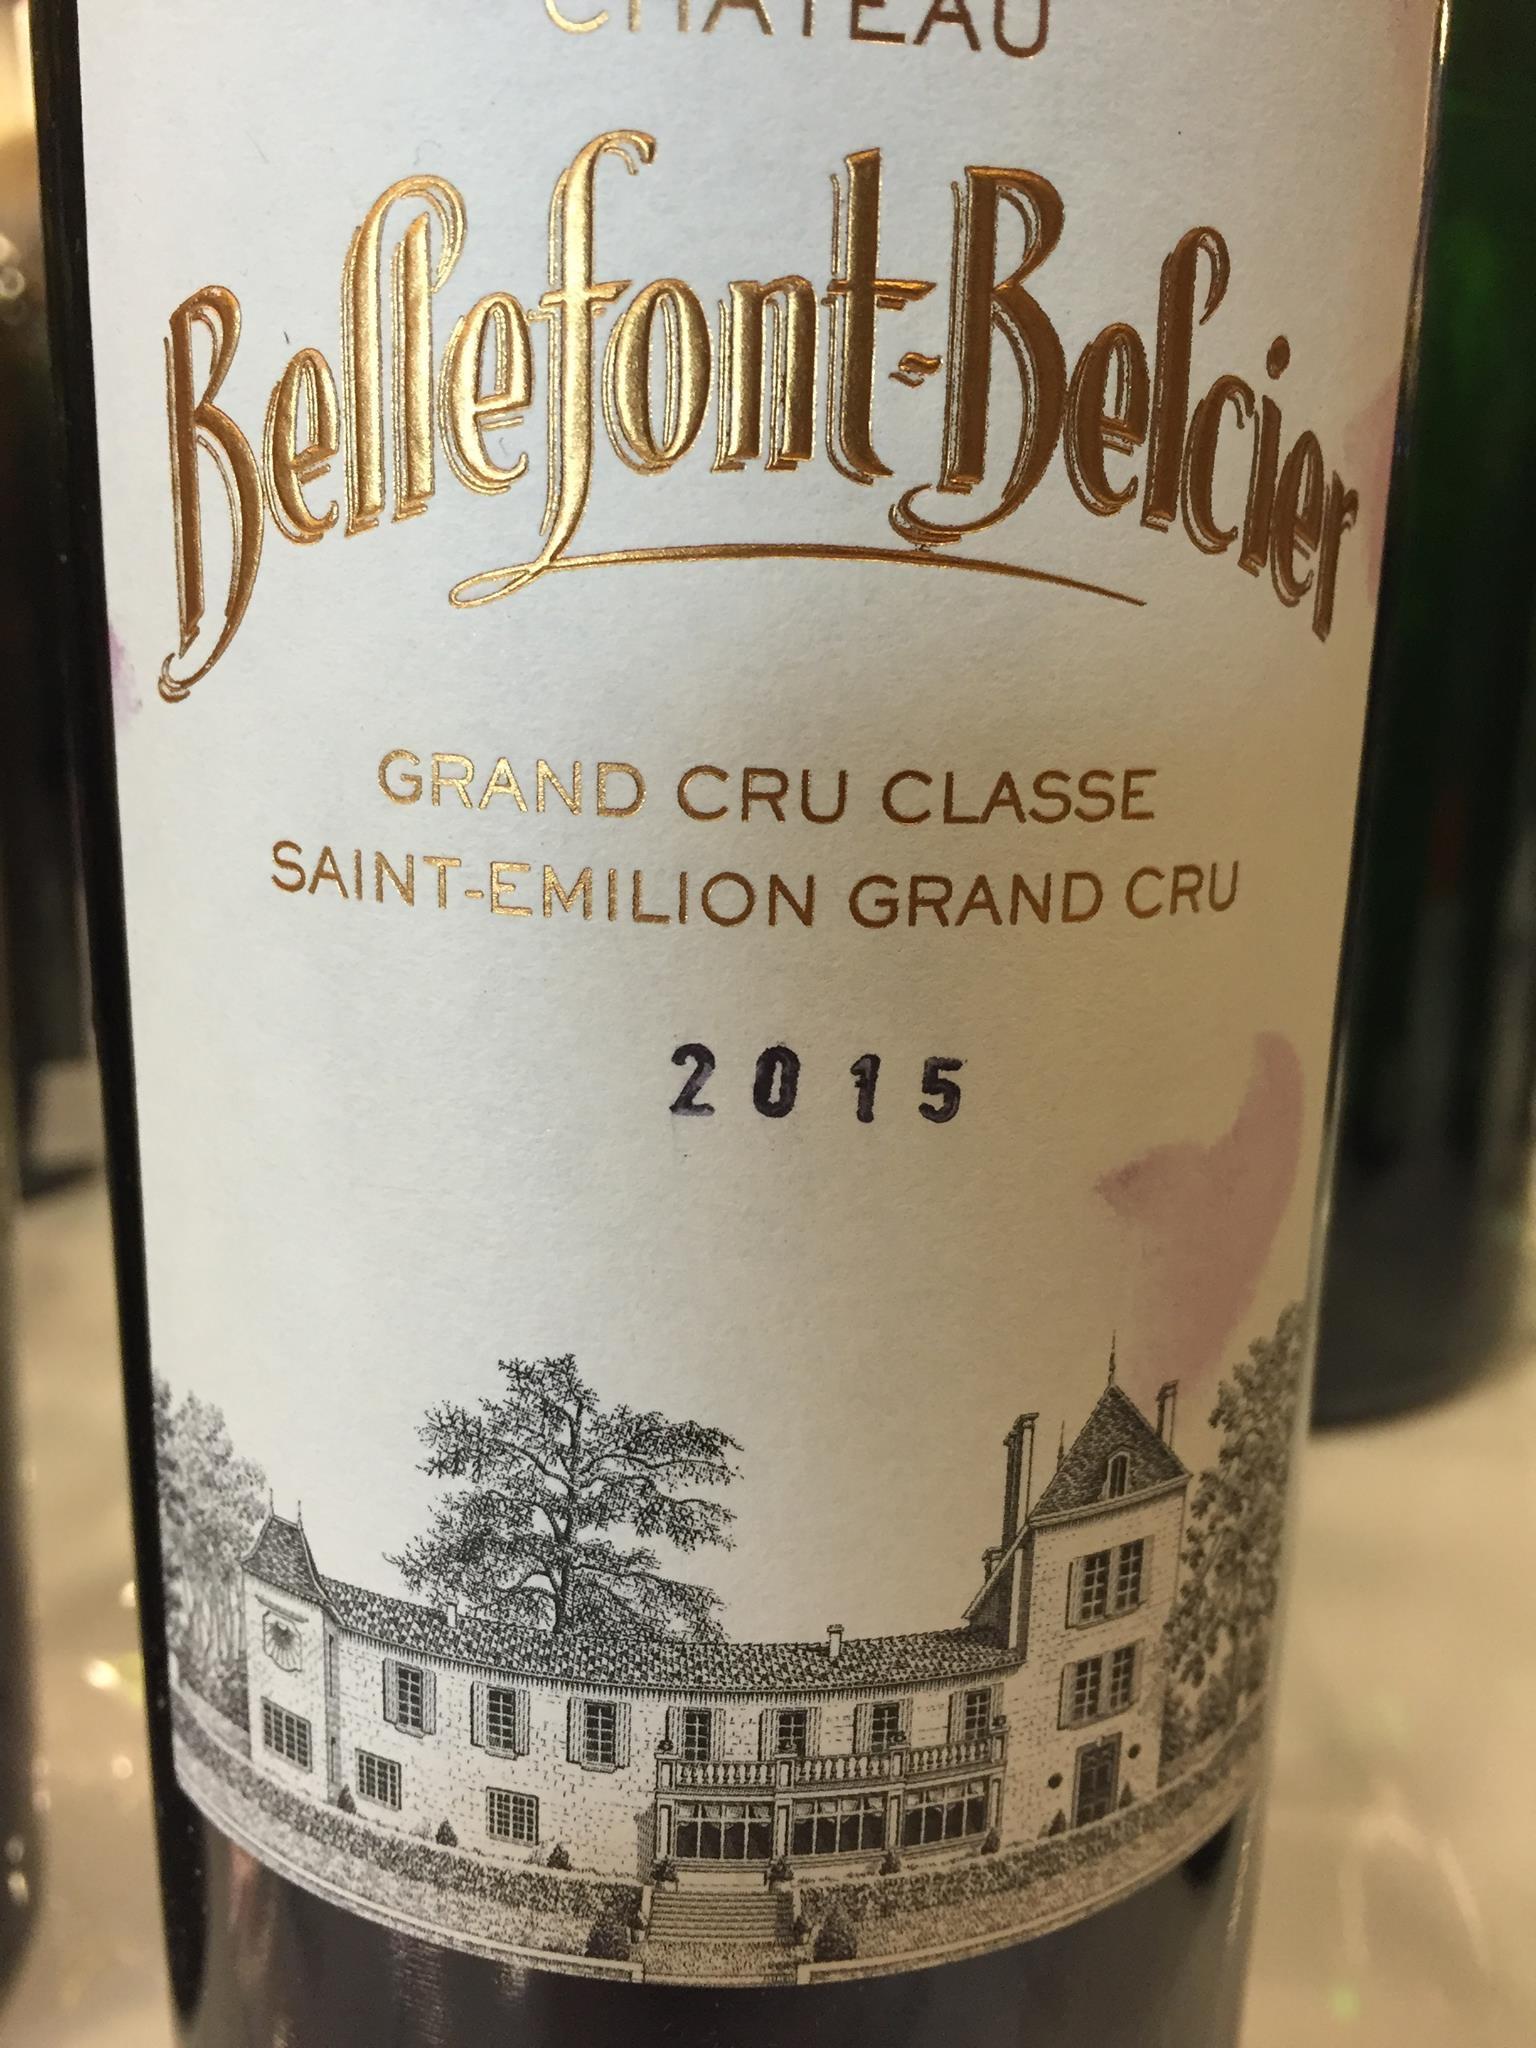 Château Bellefont-Belcier 2015 – Saint-Emilion Grand Cru, Grand Cru Classé